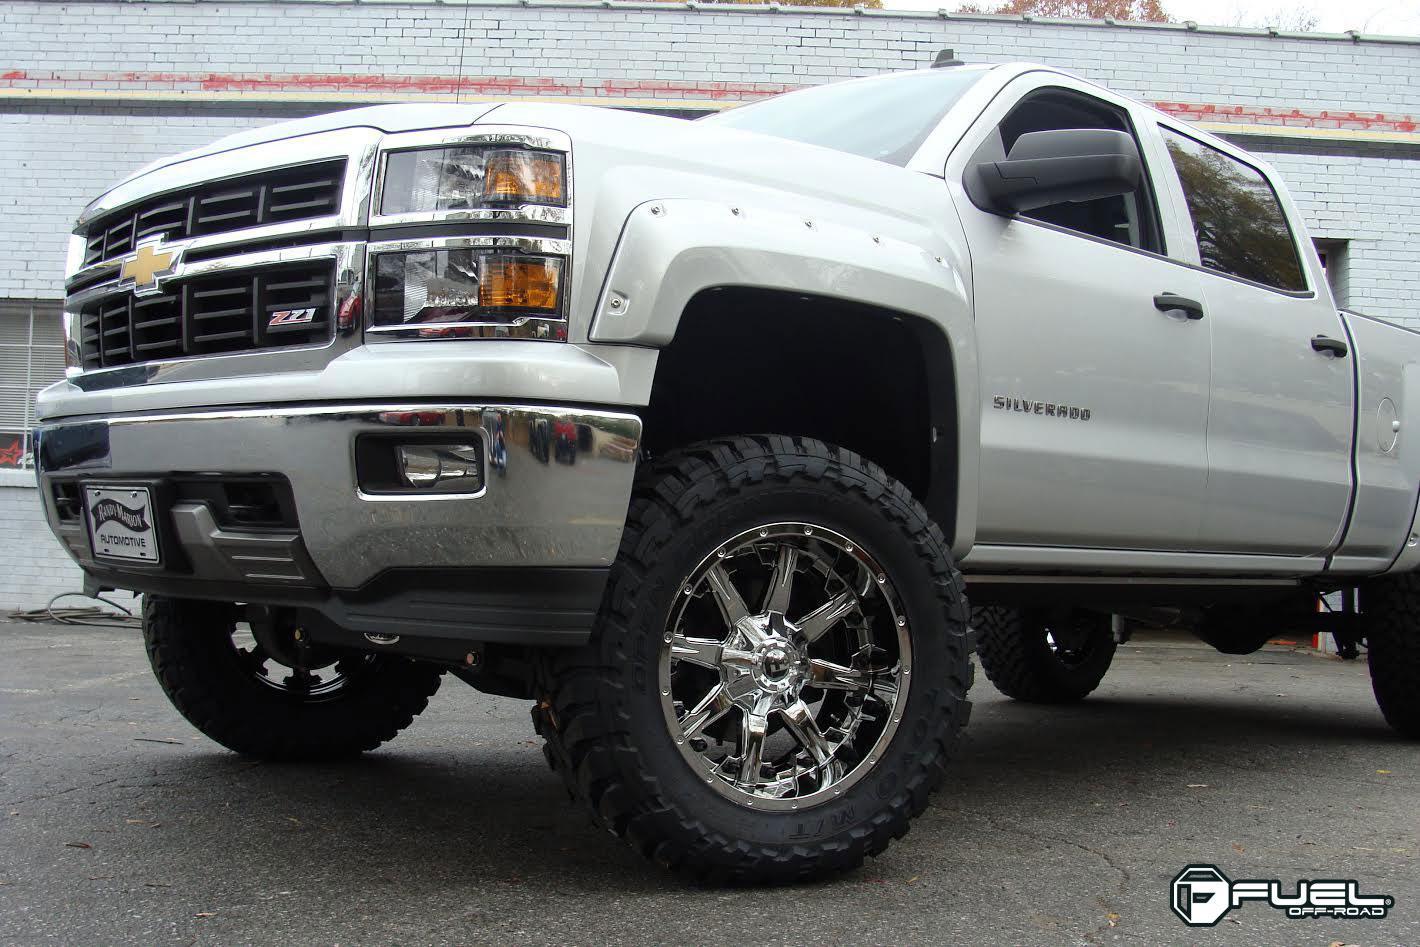 Chevrolet Silverado Nutz - D540 Gallery - Fuel Off-Road Wheels